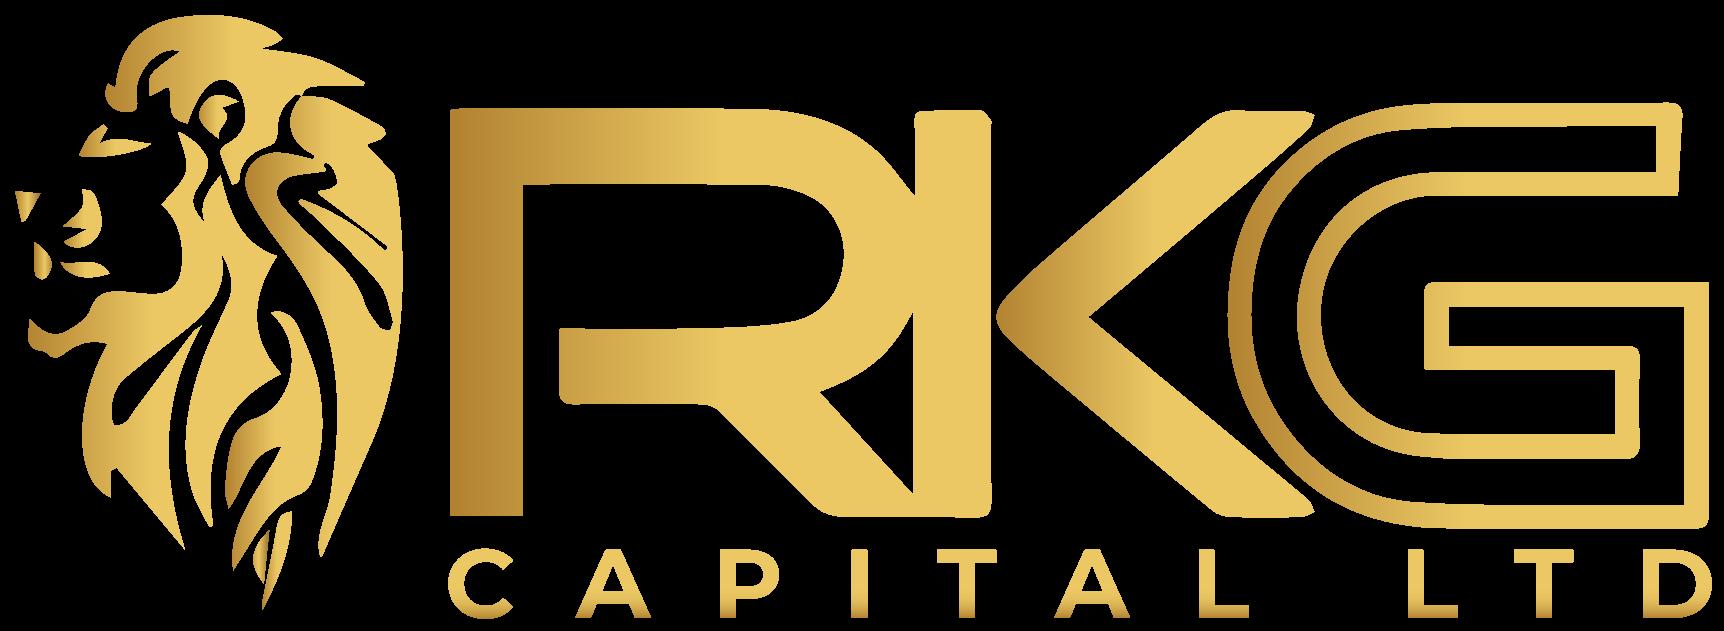 RKG Capital Ltd